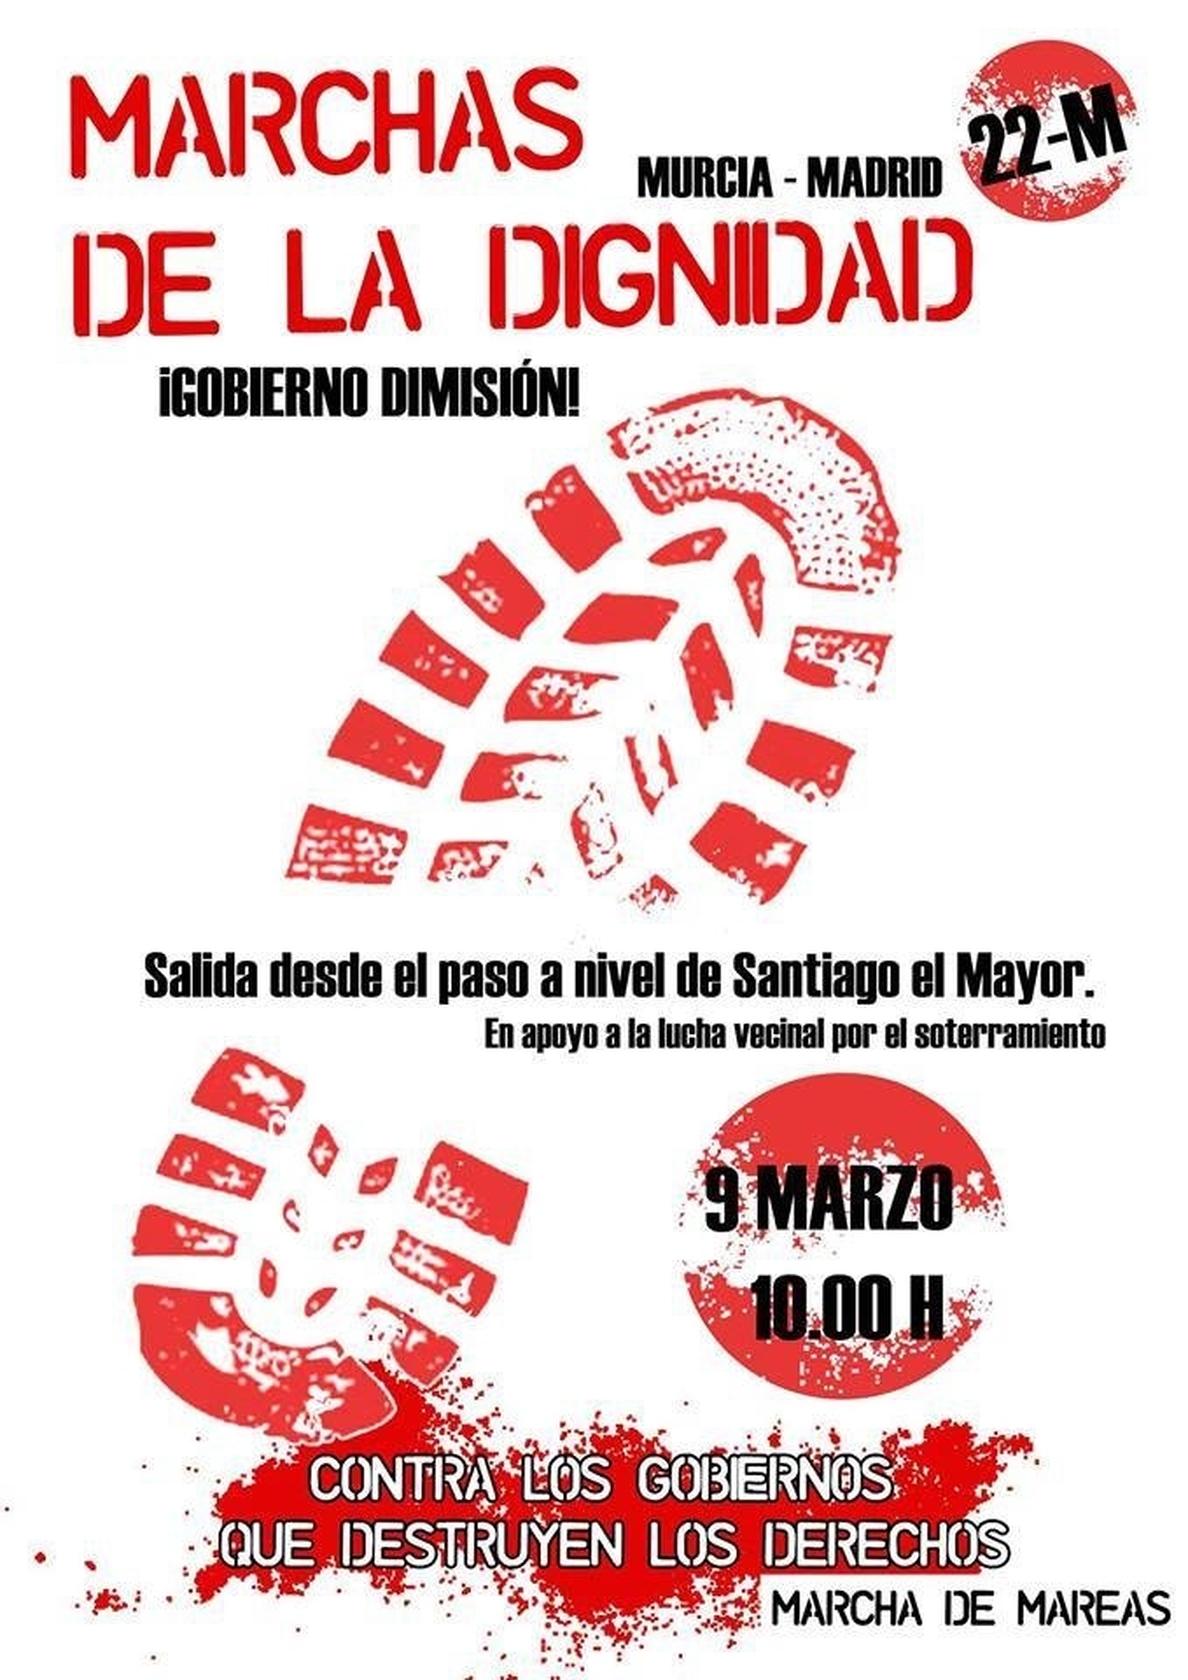 La Columna murciana de las Marchas de la Dignidad parte este domingo desde el paso a nivel de Santiago el Mayor